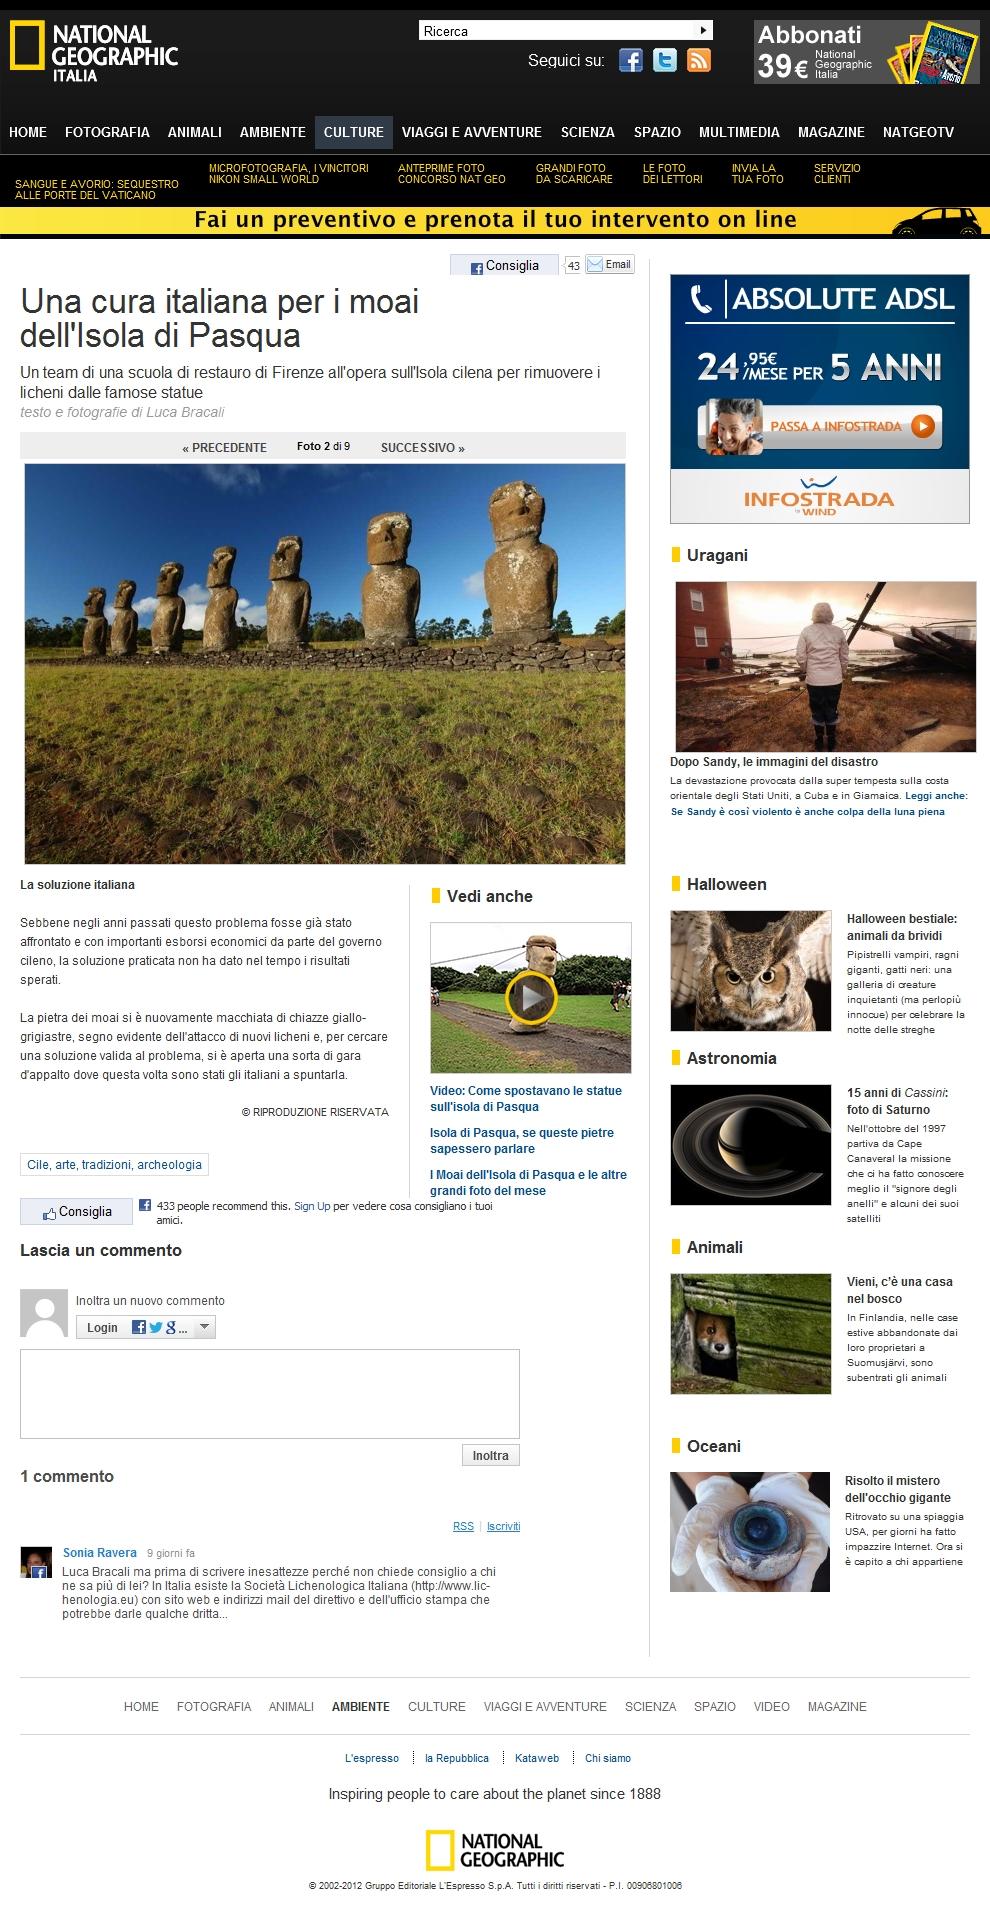 Foto Una cura italiana per i moai dell'Isola di Pasqua – 2 di 9 – National Geographic